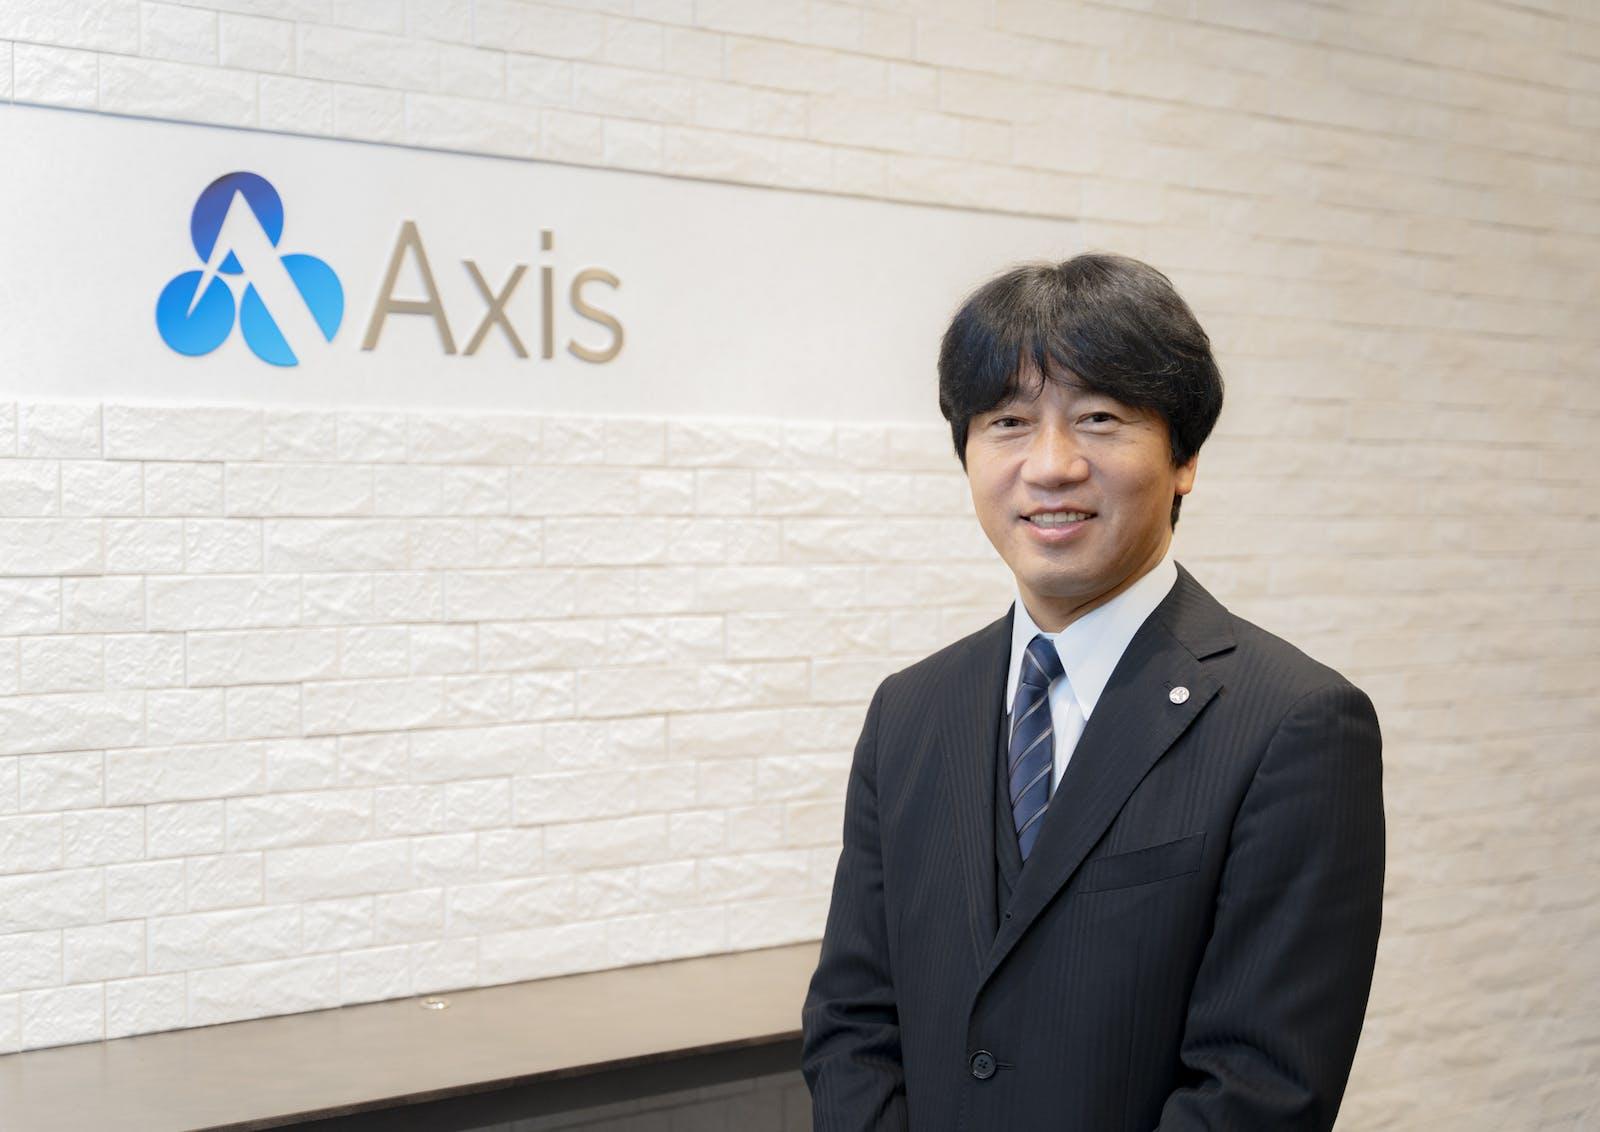 株式会社アクシスのアイキャッチ画像